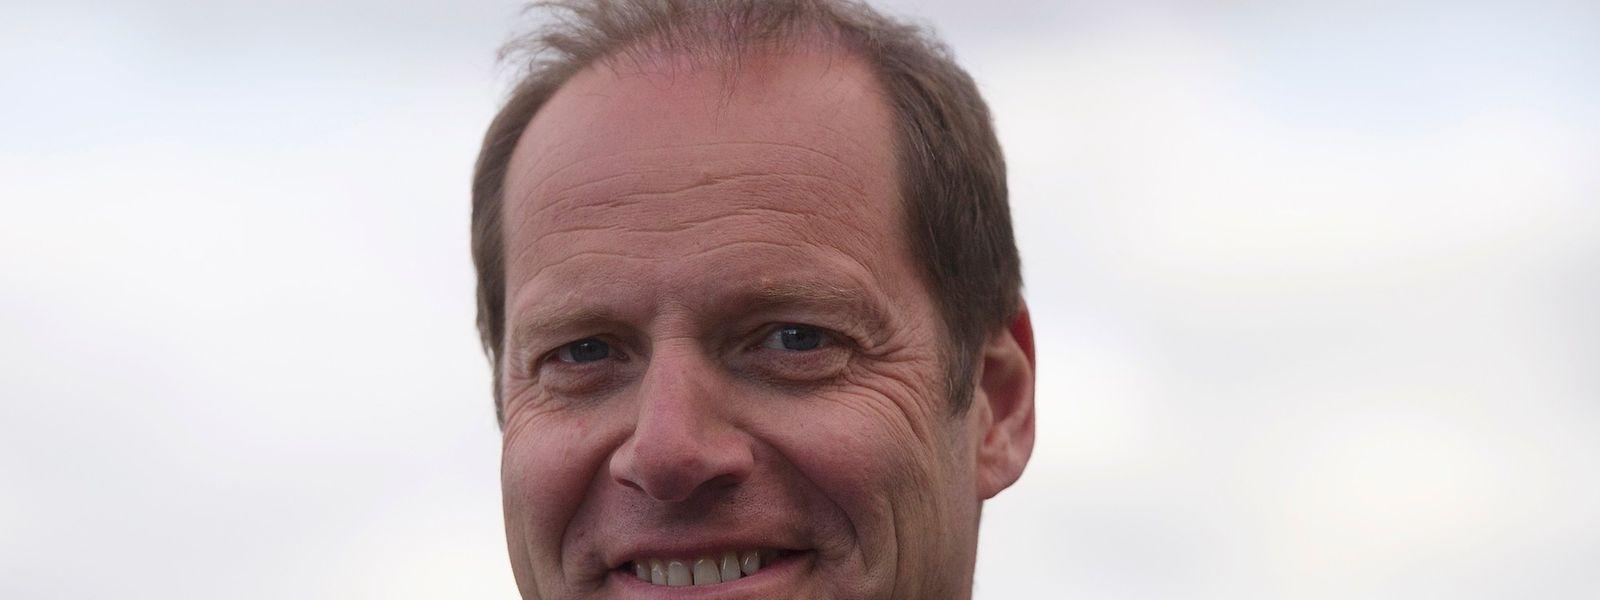 Le directeur du Tour de France, Christian Prudhomme le dit «Nous sommes responsables, on ne peut pas faire n'importe quoi»